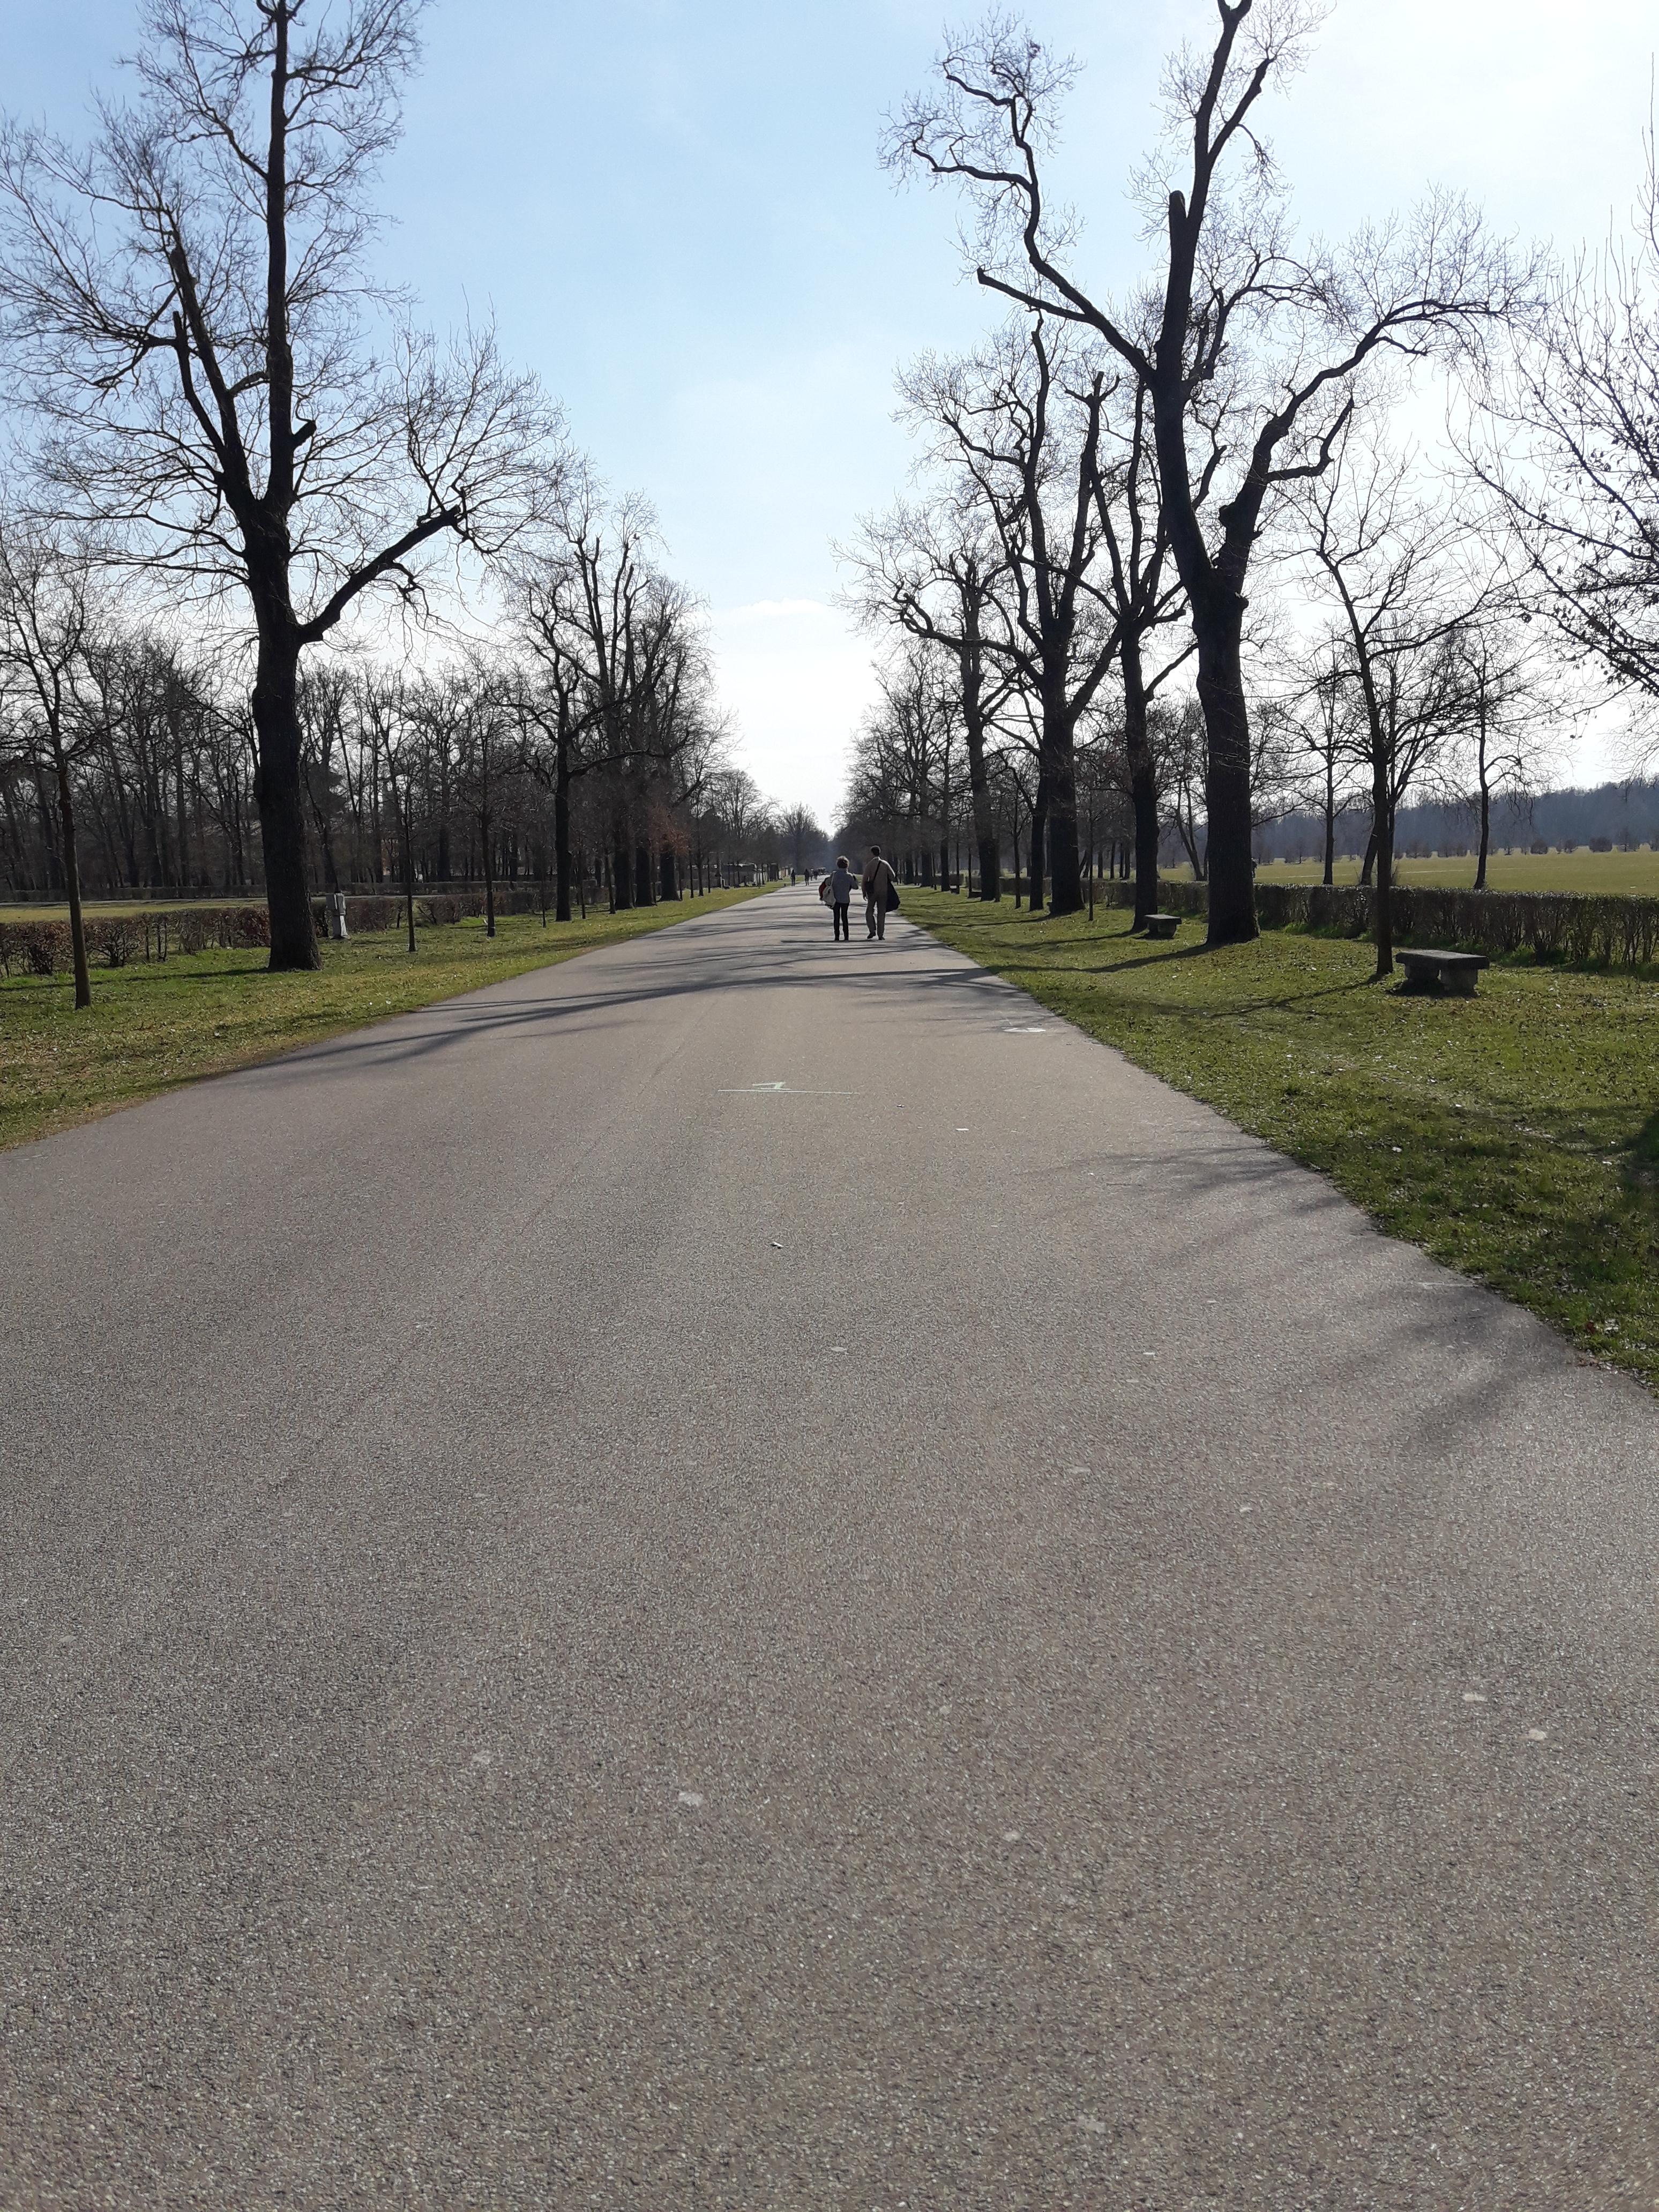 Passeggiata culturale al Parco di Monza,viale di Vedano